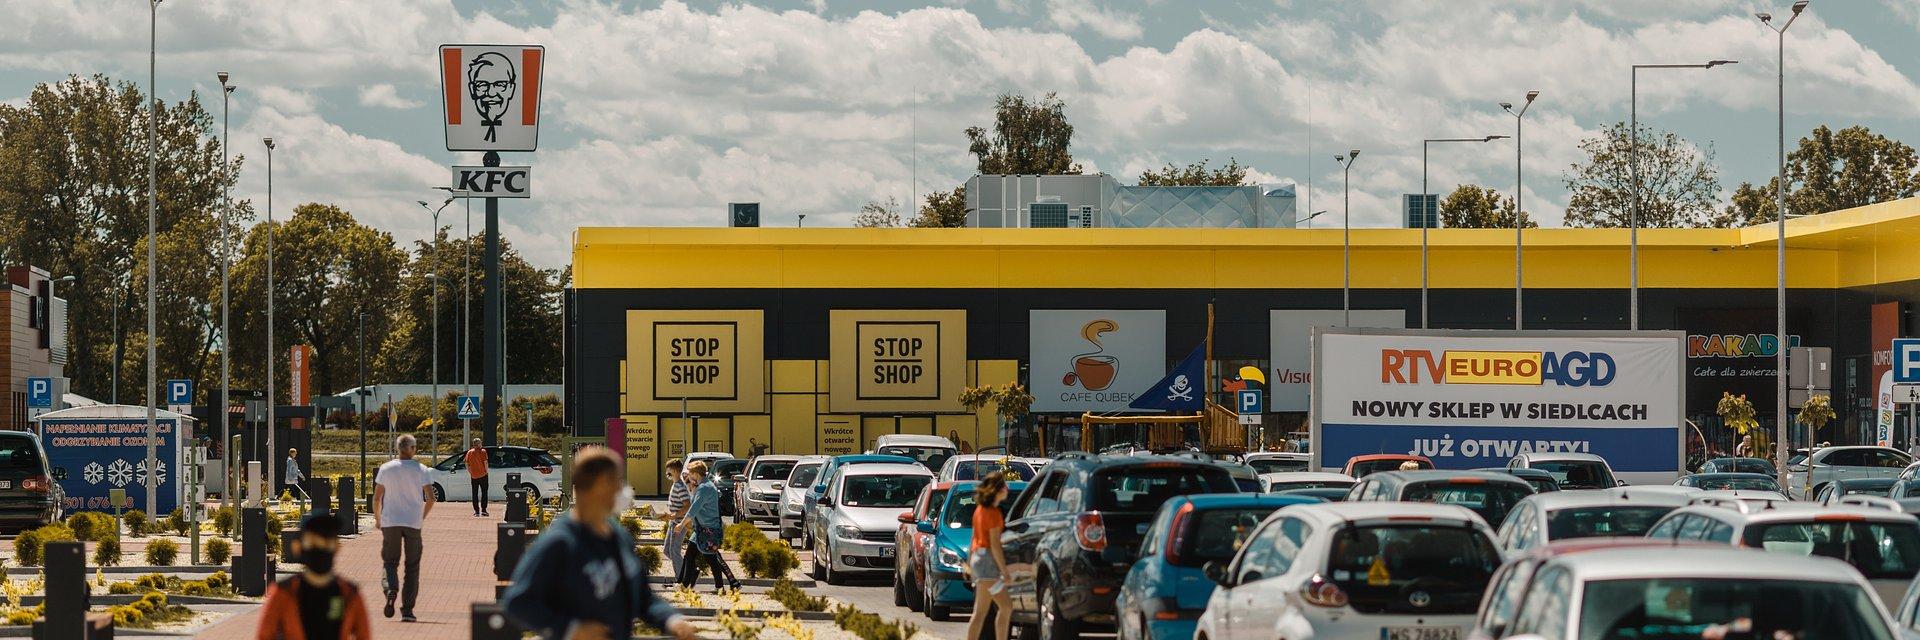 Parki handlowe z wyższą odwiedzalnością w pandemii. Czynsze dużo niższe niż w centrach